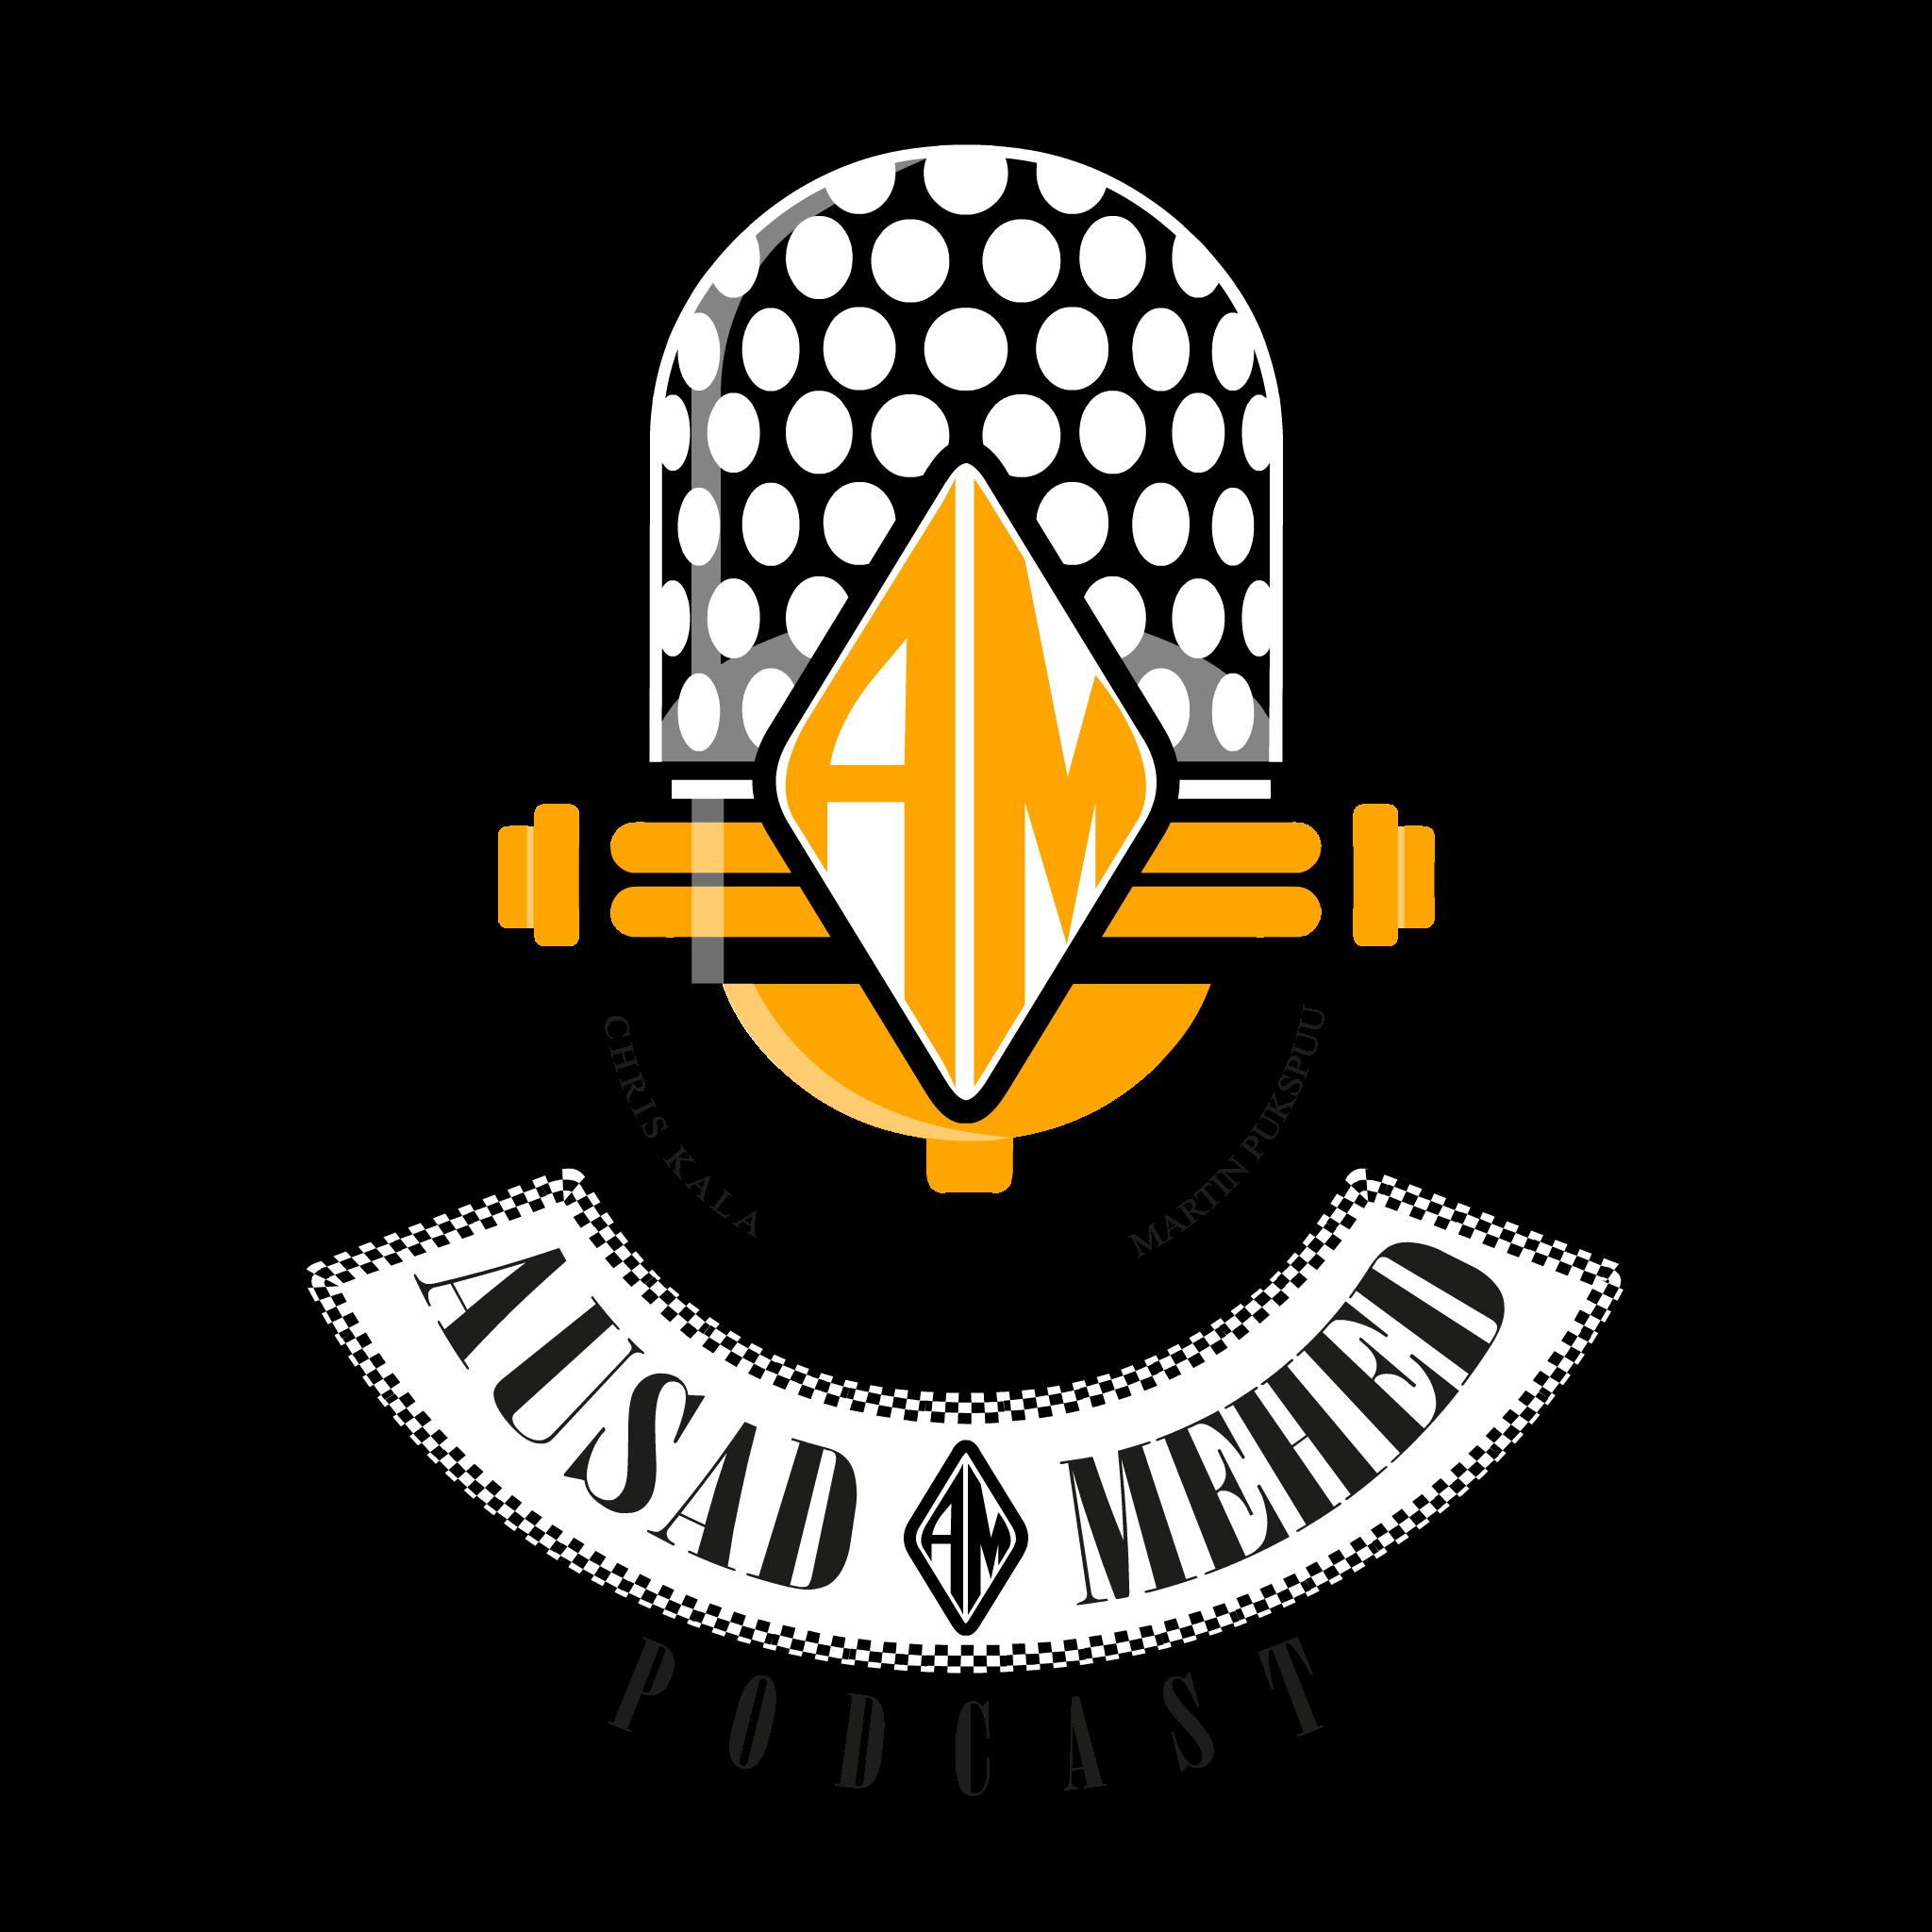 REKLAAM PODCASTI - Podcastimine on Eesti maastikul kasvav trend, mis annab ühtlasi uue võimaluse enda tooteid ja teenuseid reklaamida. Oleme avatud koostööks, et näha, kas meie Ausad Mehed podcasti kuulajaskond ja jälgijaskond, võiks sulle ja sinu ettevõttele soovitud tulemusi võimaldada.